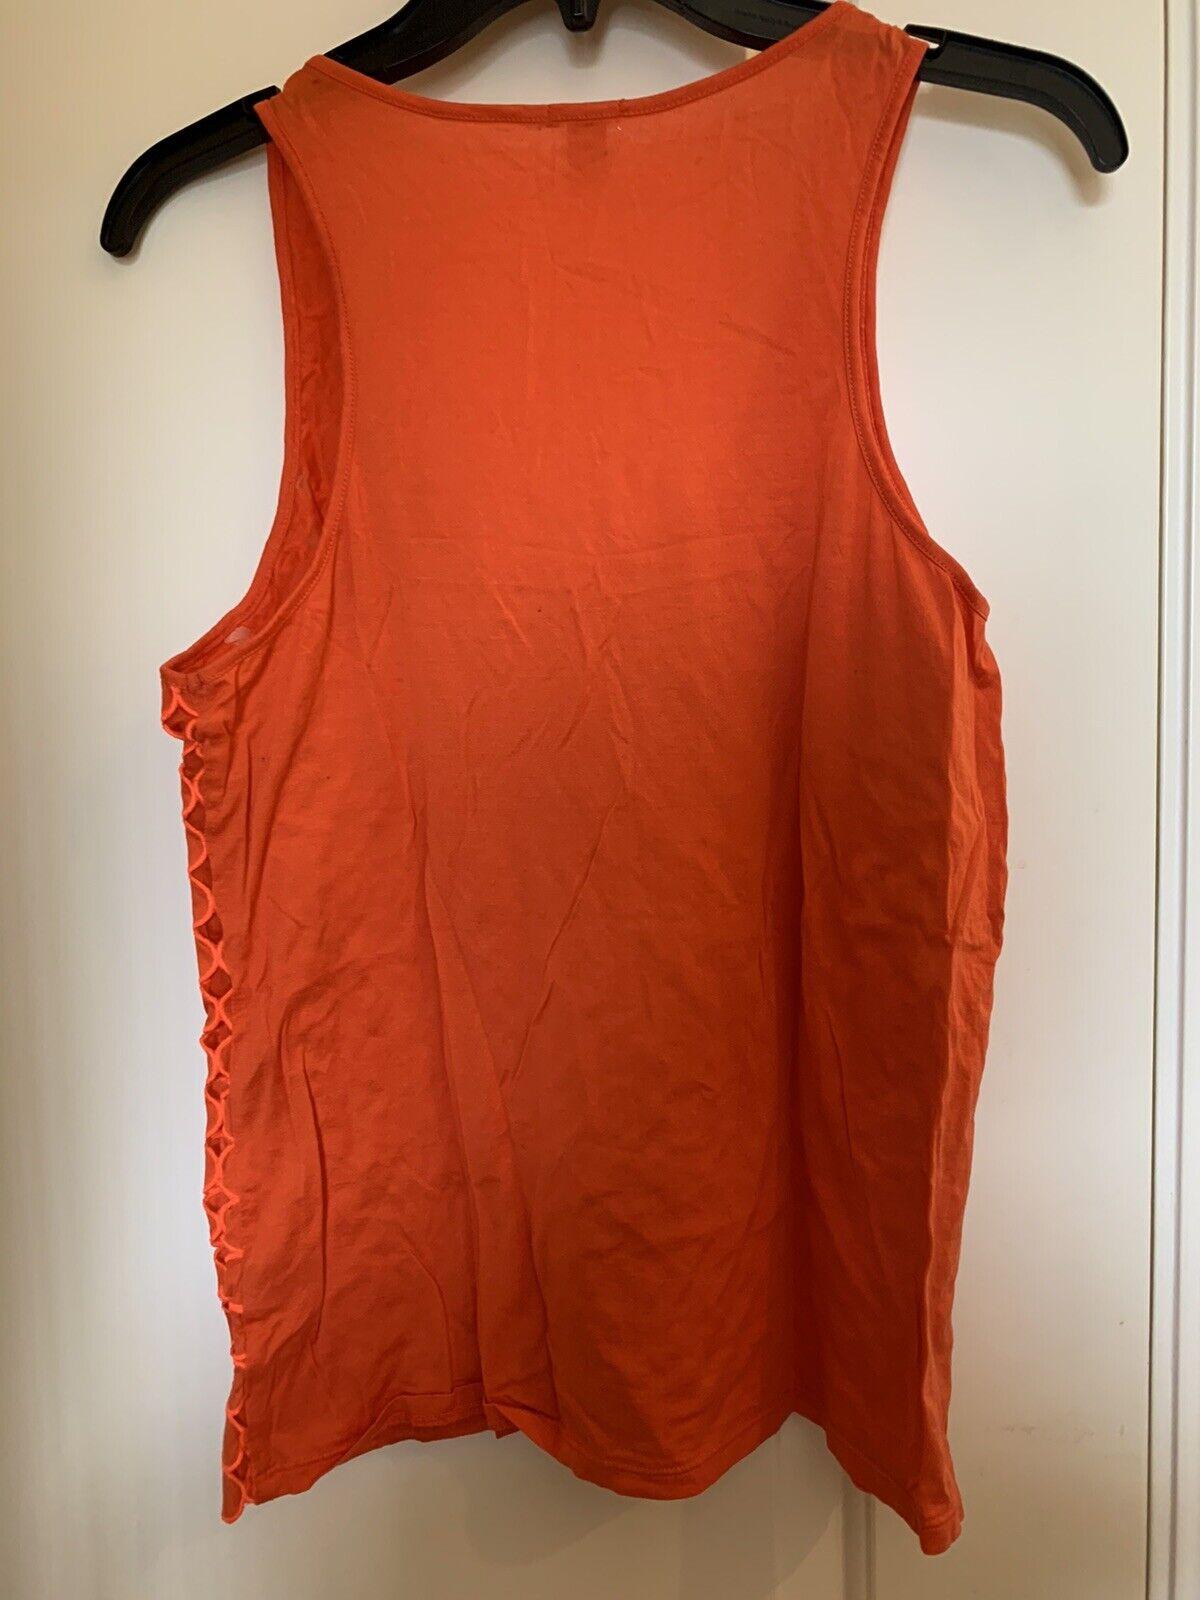 J Crew Womens Eyelet Dot Tank Top Orange Cotton S… - image 3